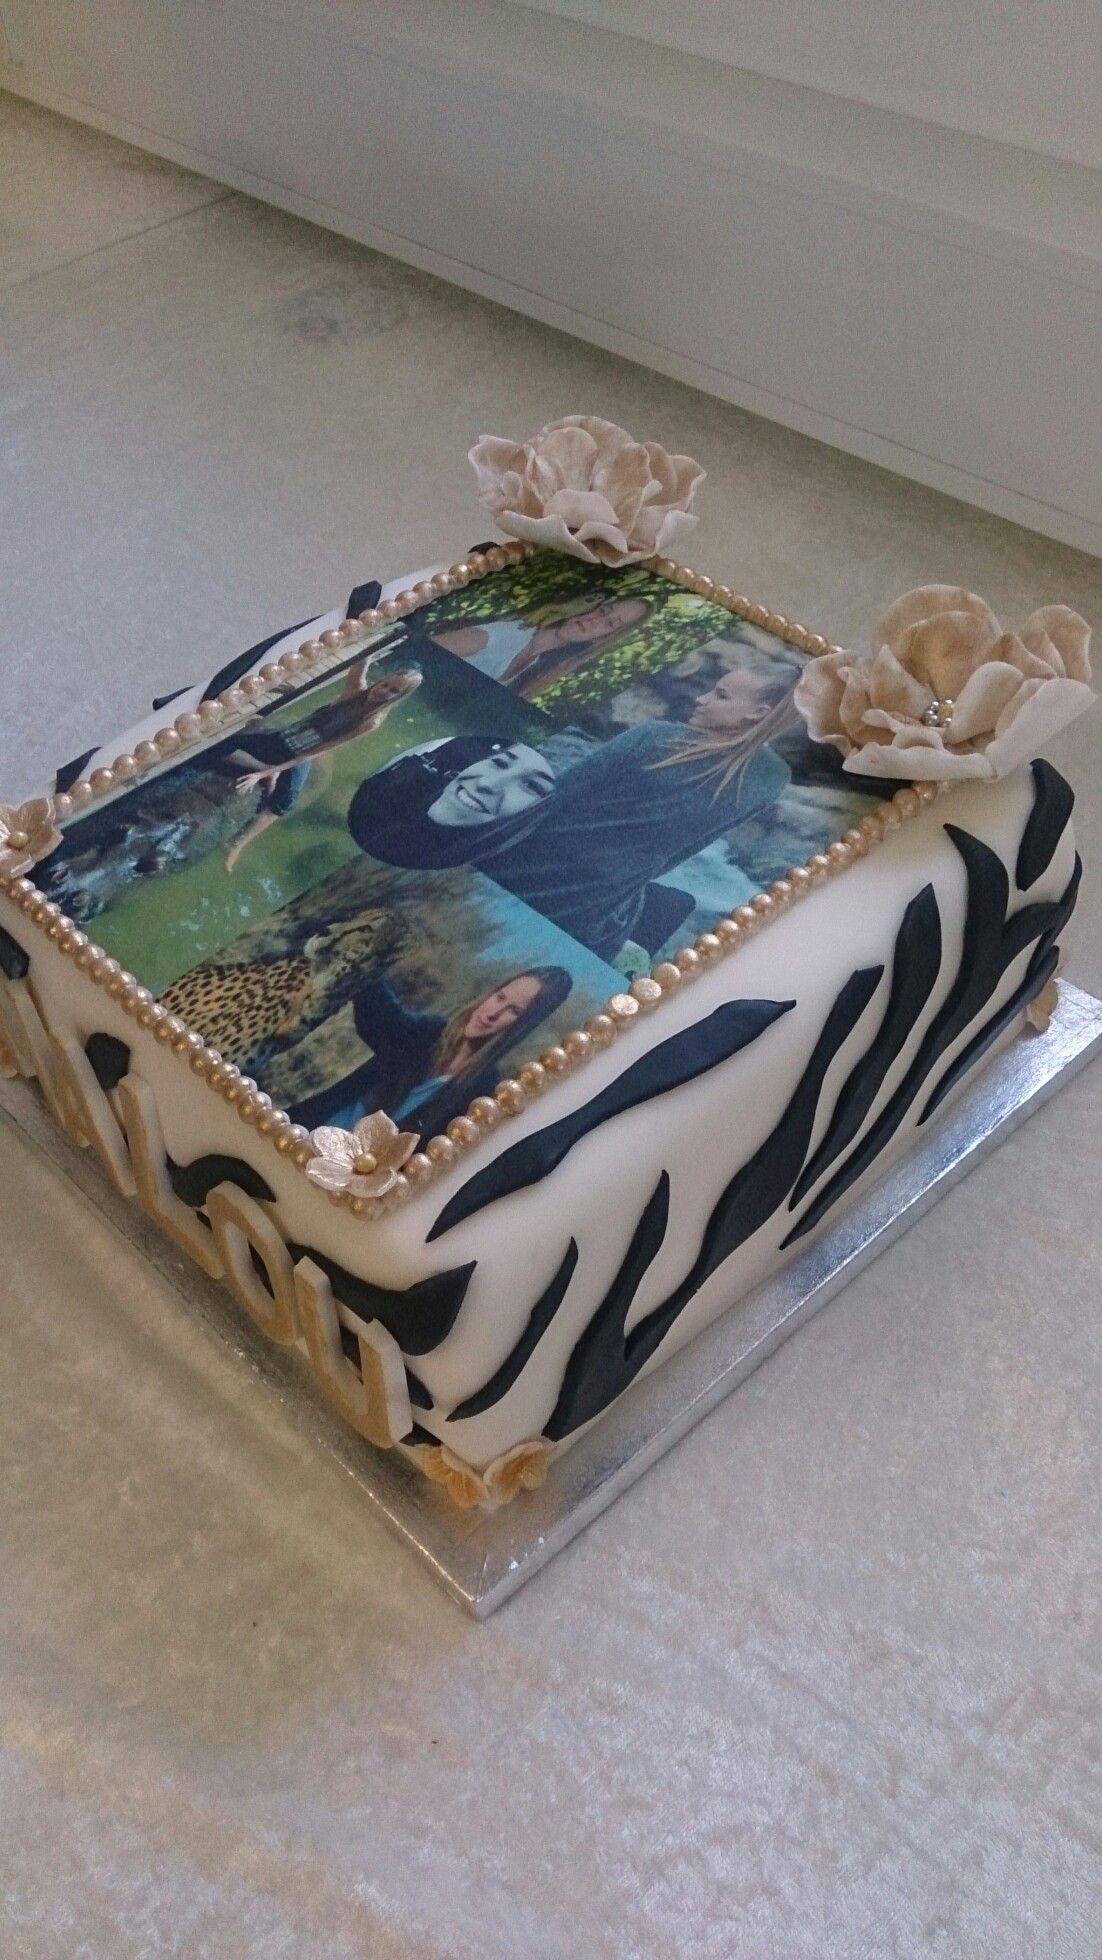 Torta con foto de azucar y flores Fondant y zebra